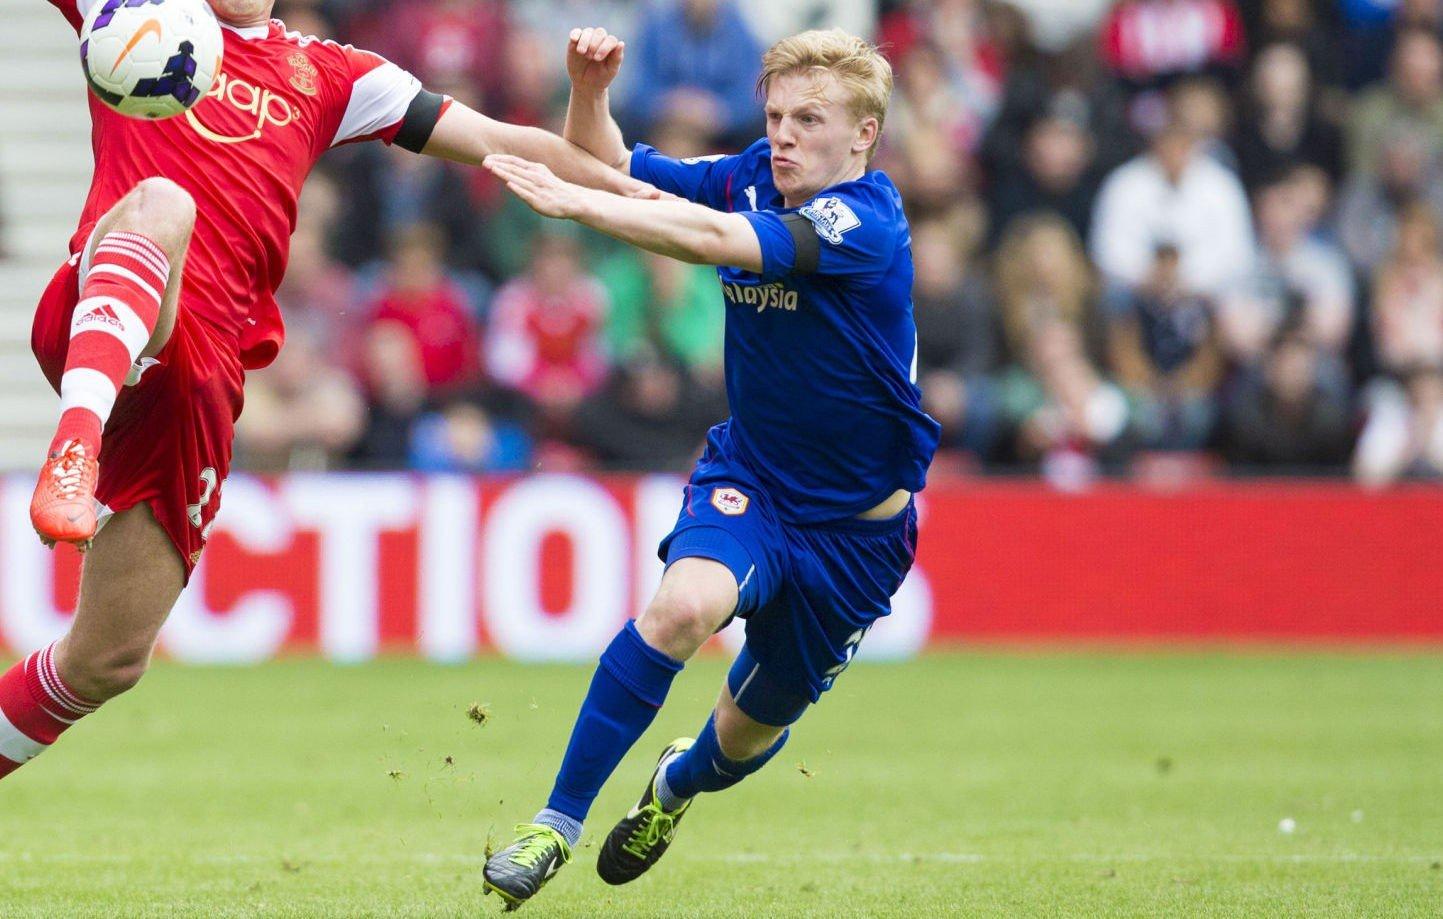 TRYGG: Mats Møller Dæhli er Cardiffs mest treffsikre med ballen i beina.